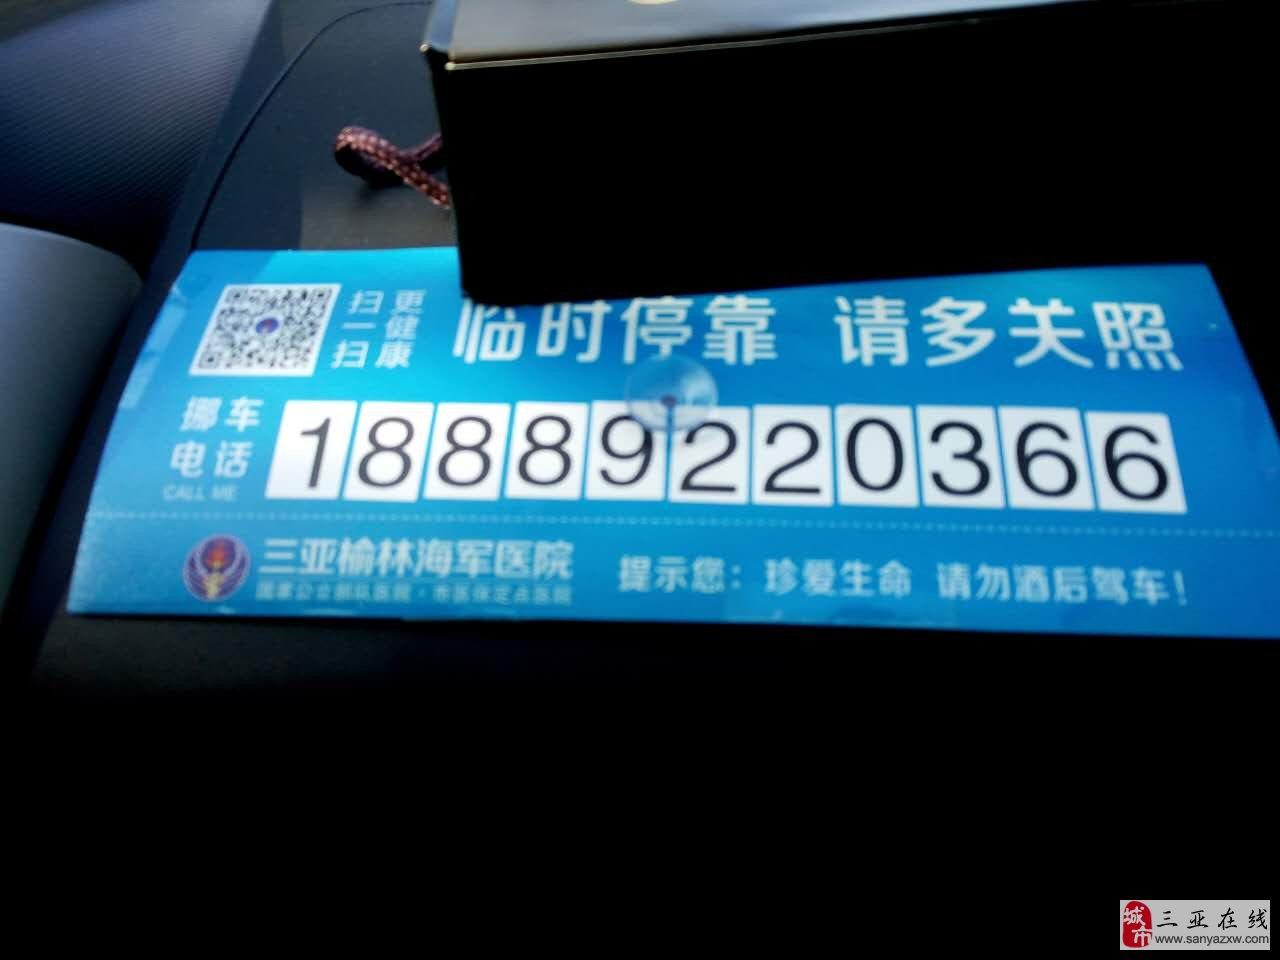 十元钱看三亚的出租司机的宰客技巧与素质,为三亚人丢脸。